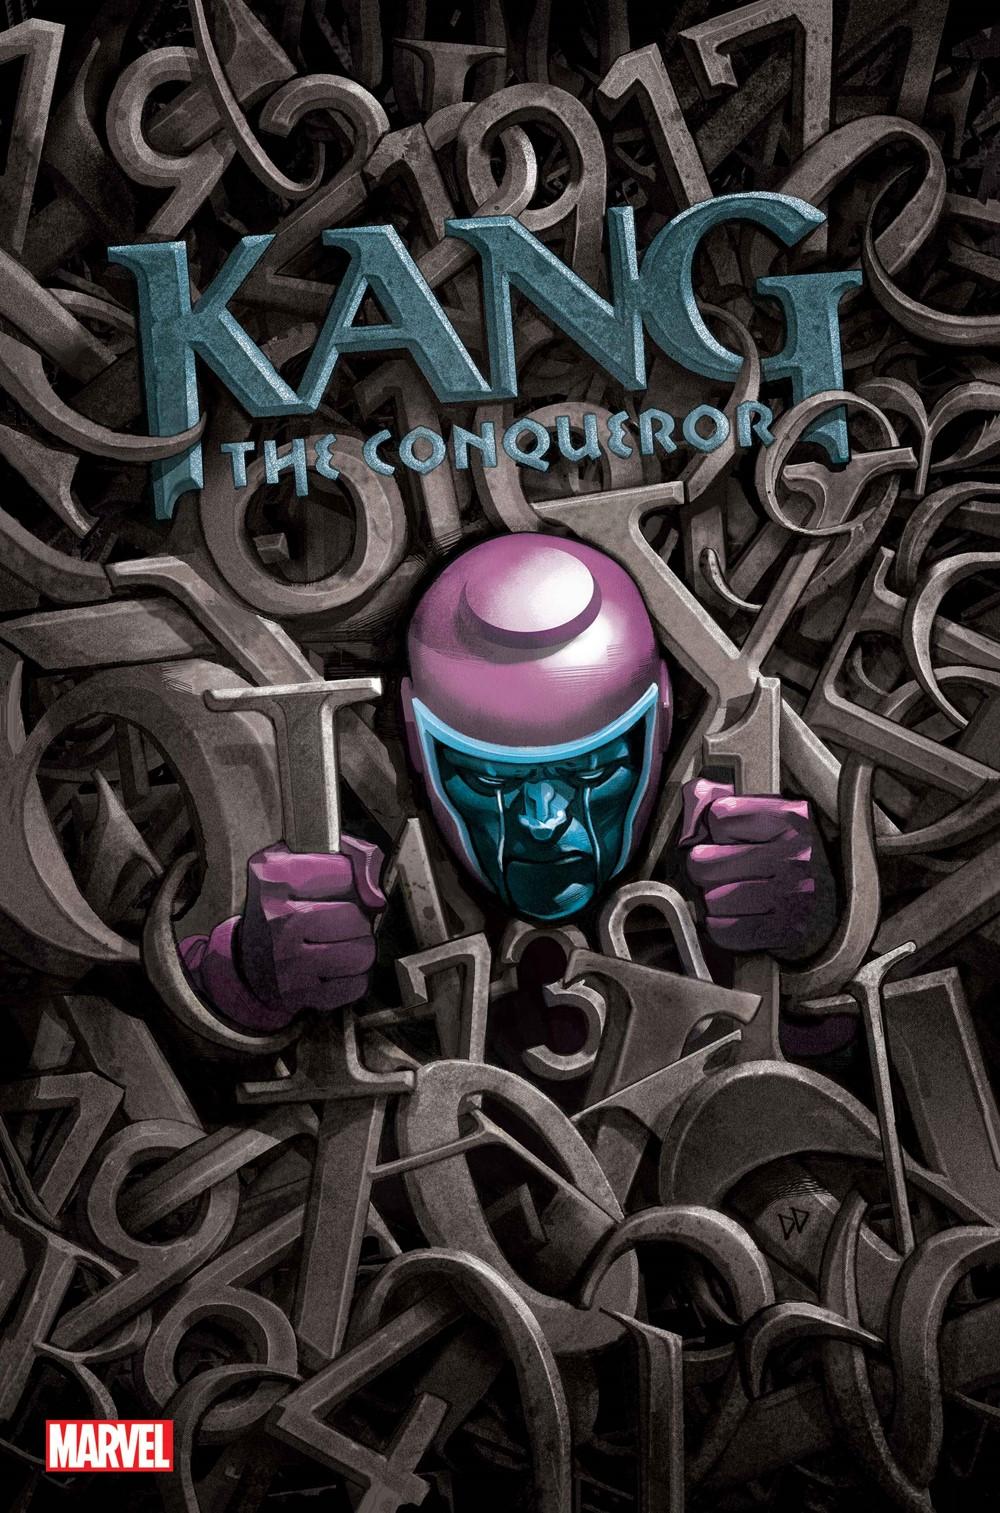 KANGCONQUERER2021002_Cov Marvel Comics September 2021 Solicitations